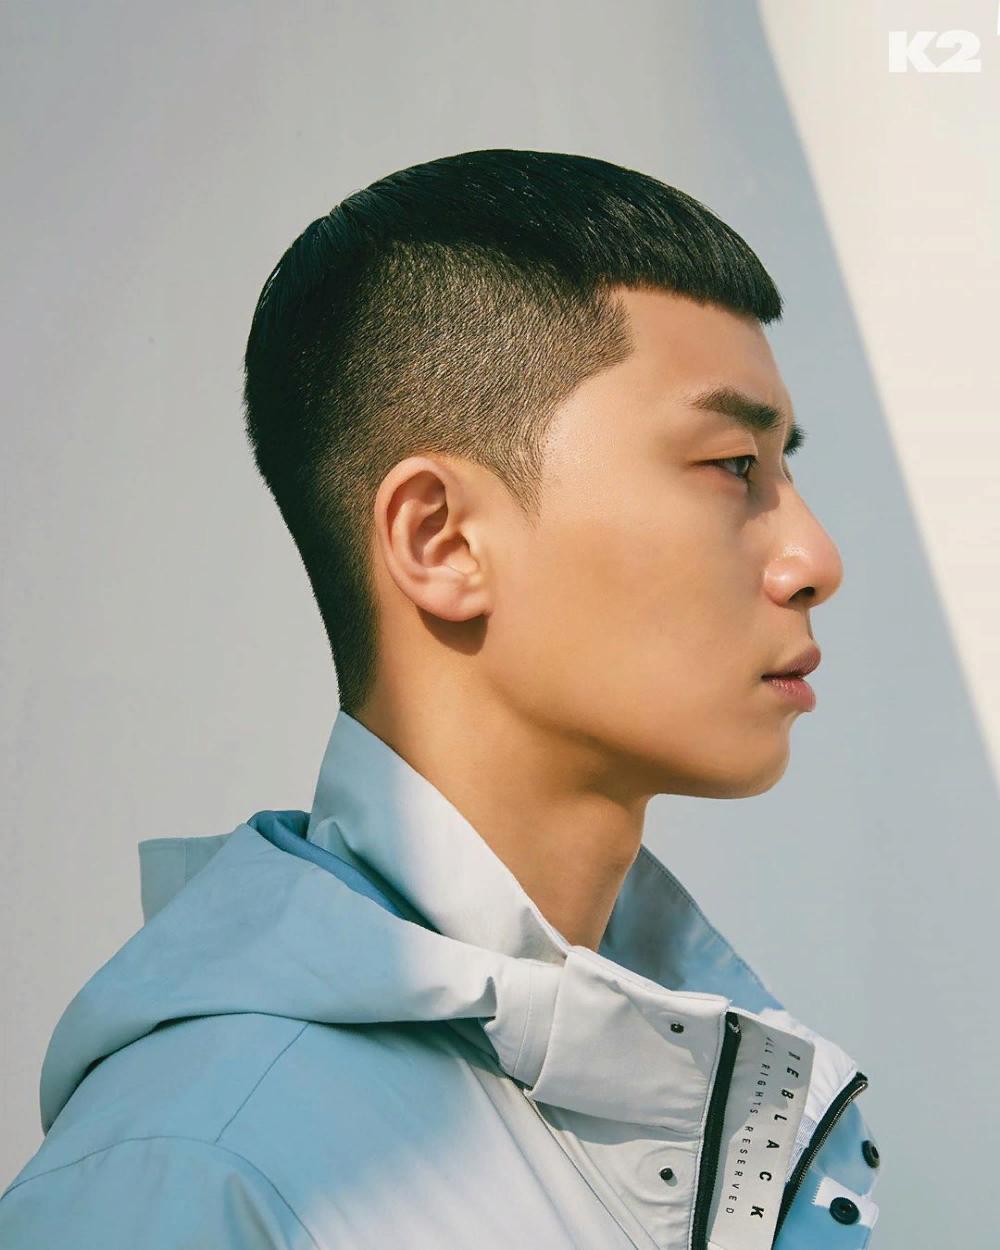 Park Seo Joon Itaewon Haircut - Korean Idol